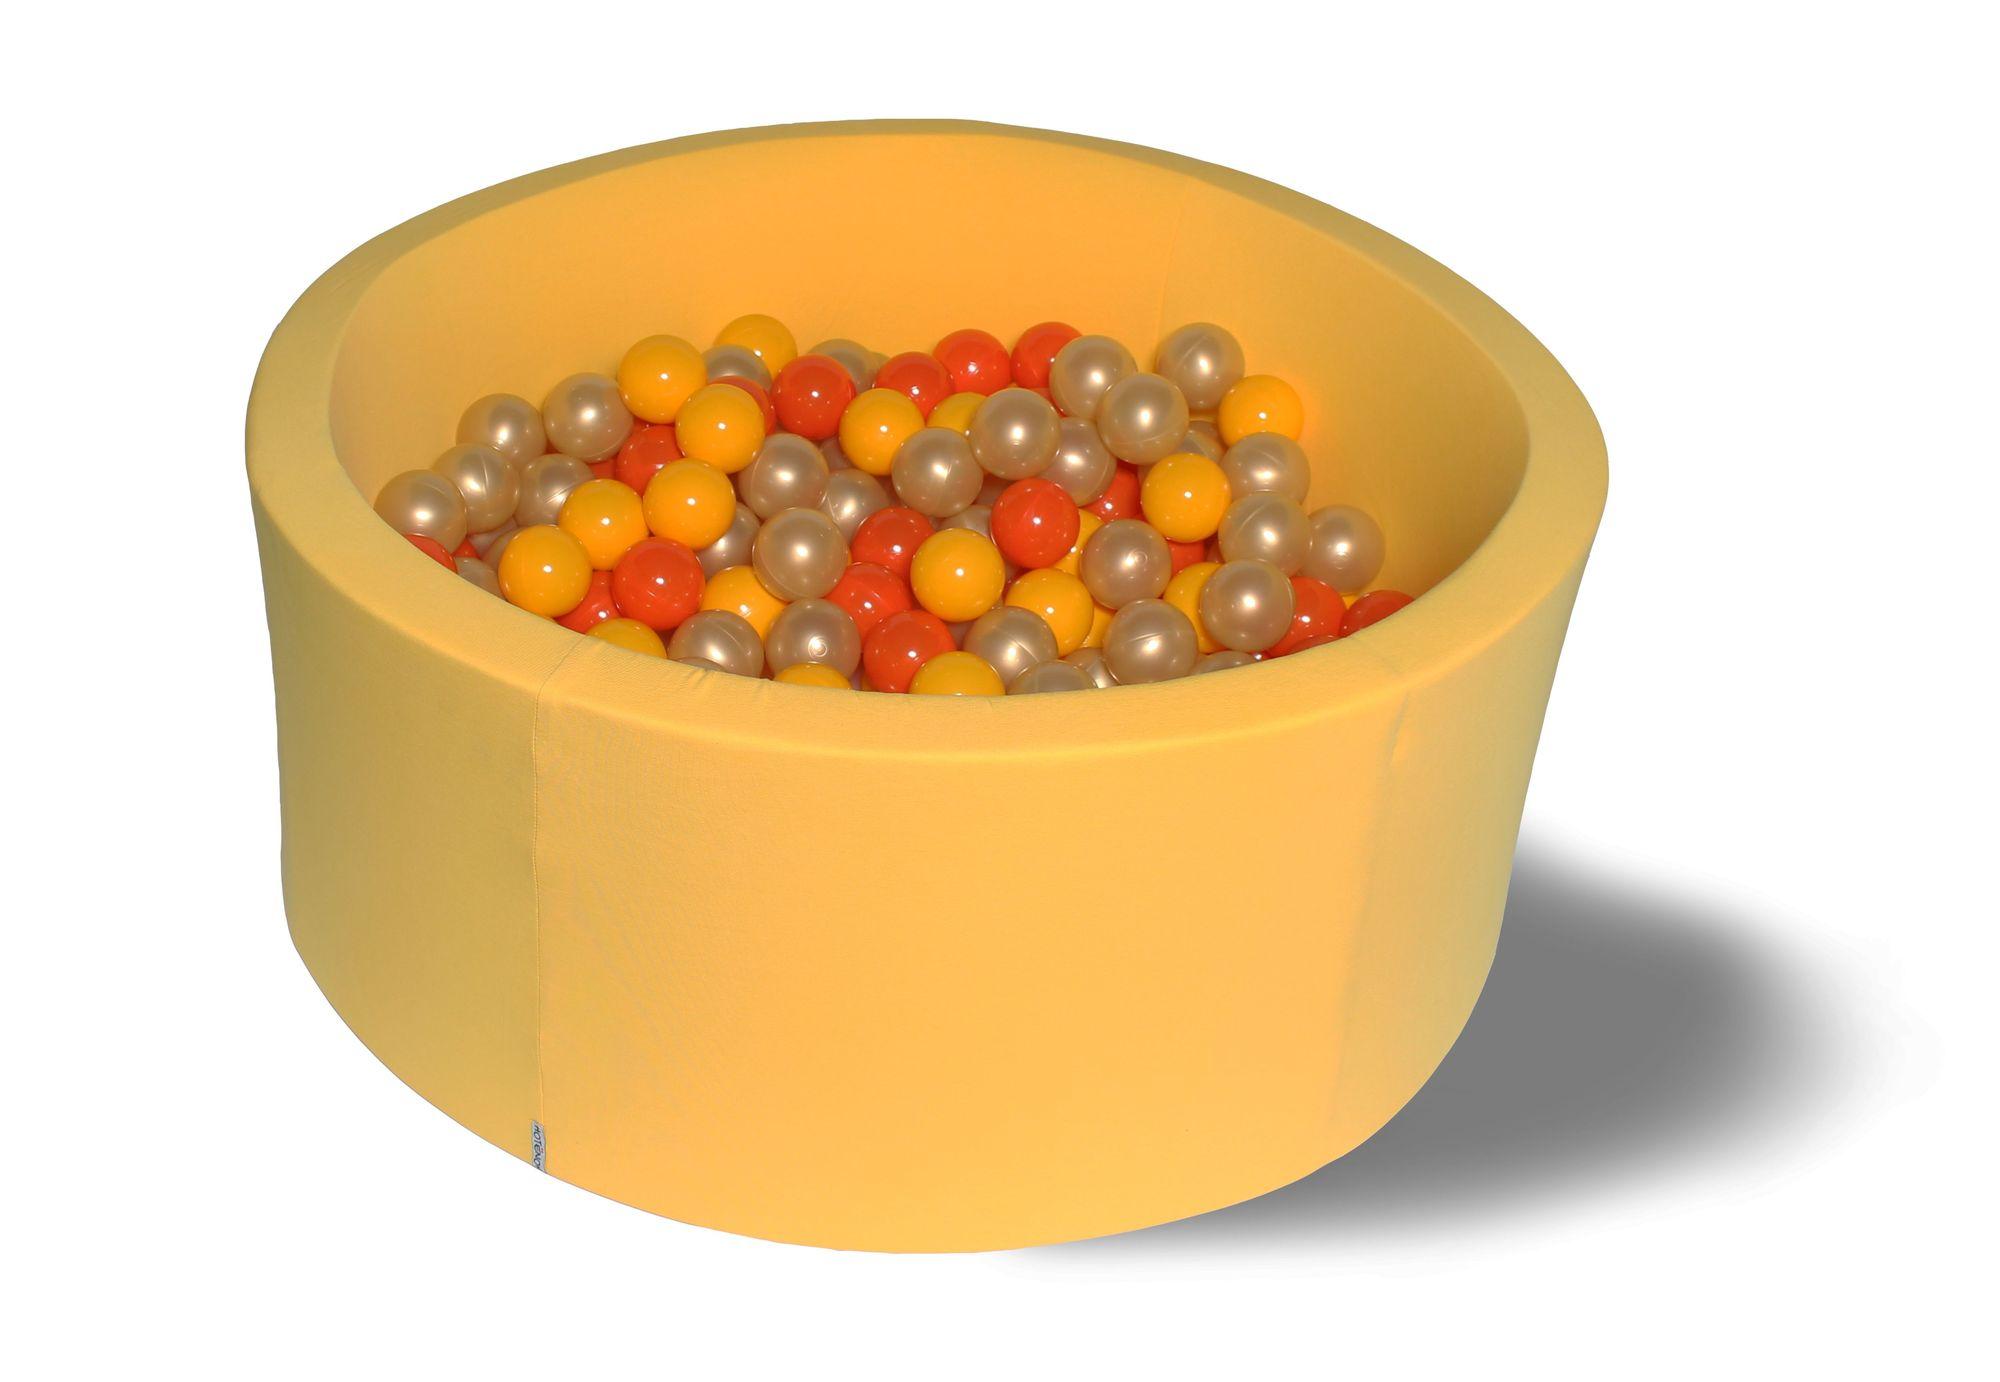 Сухой игровой бассейн Желтое золото желтый 40см